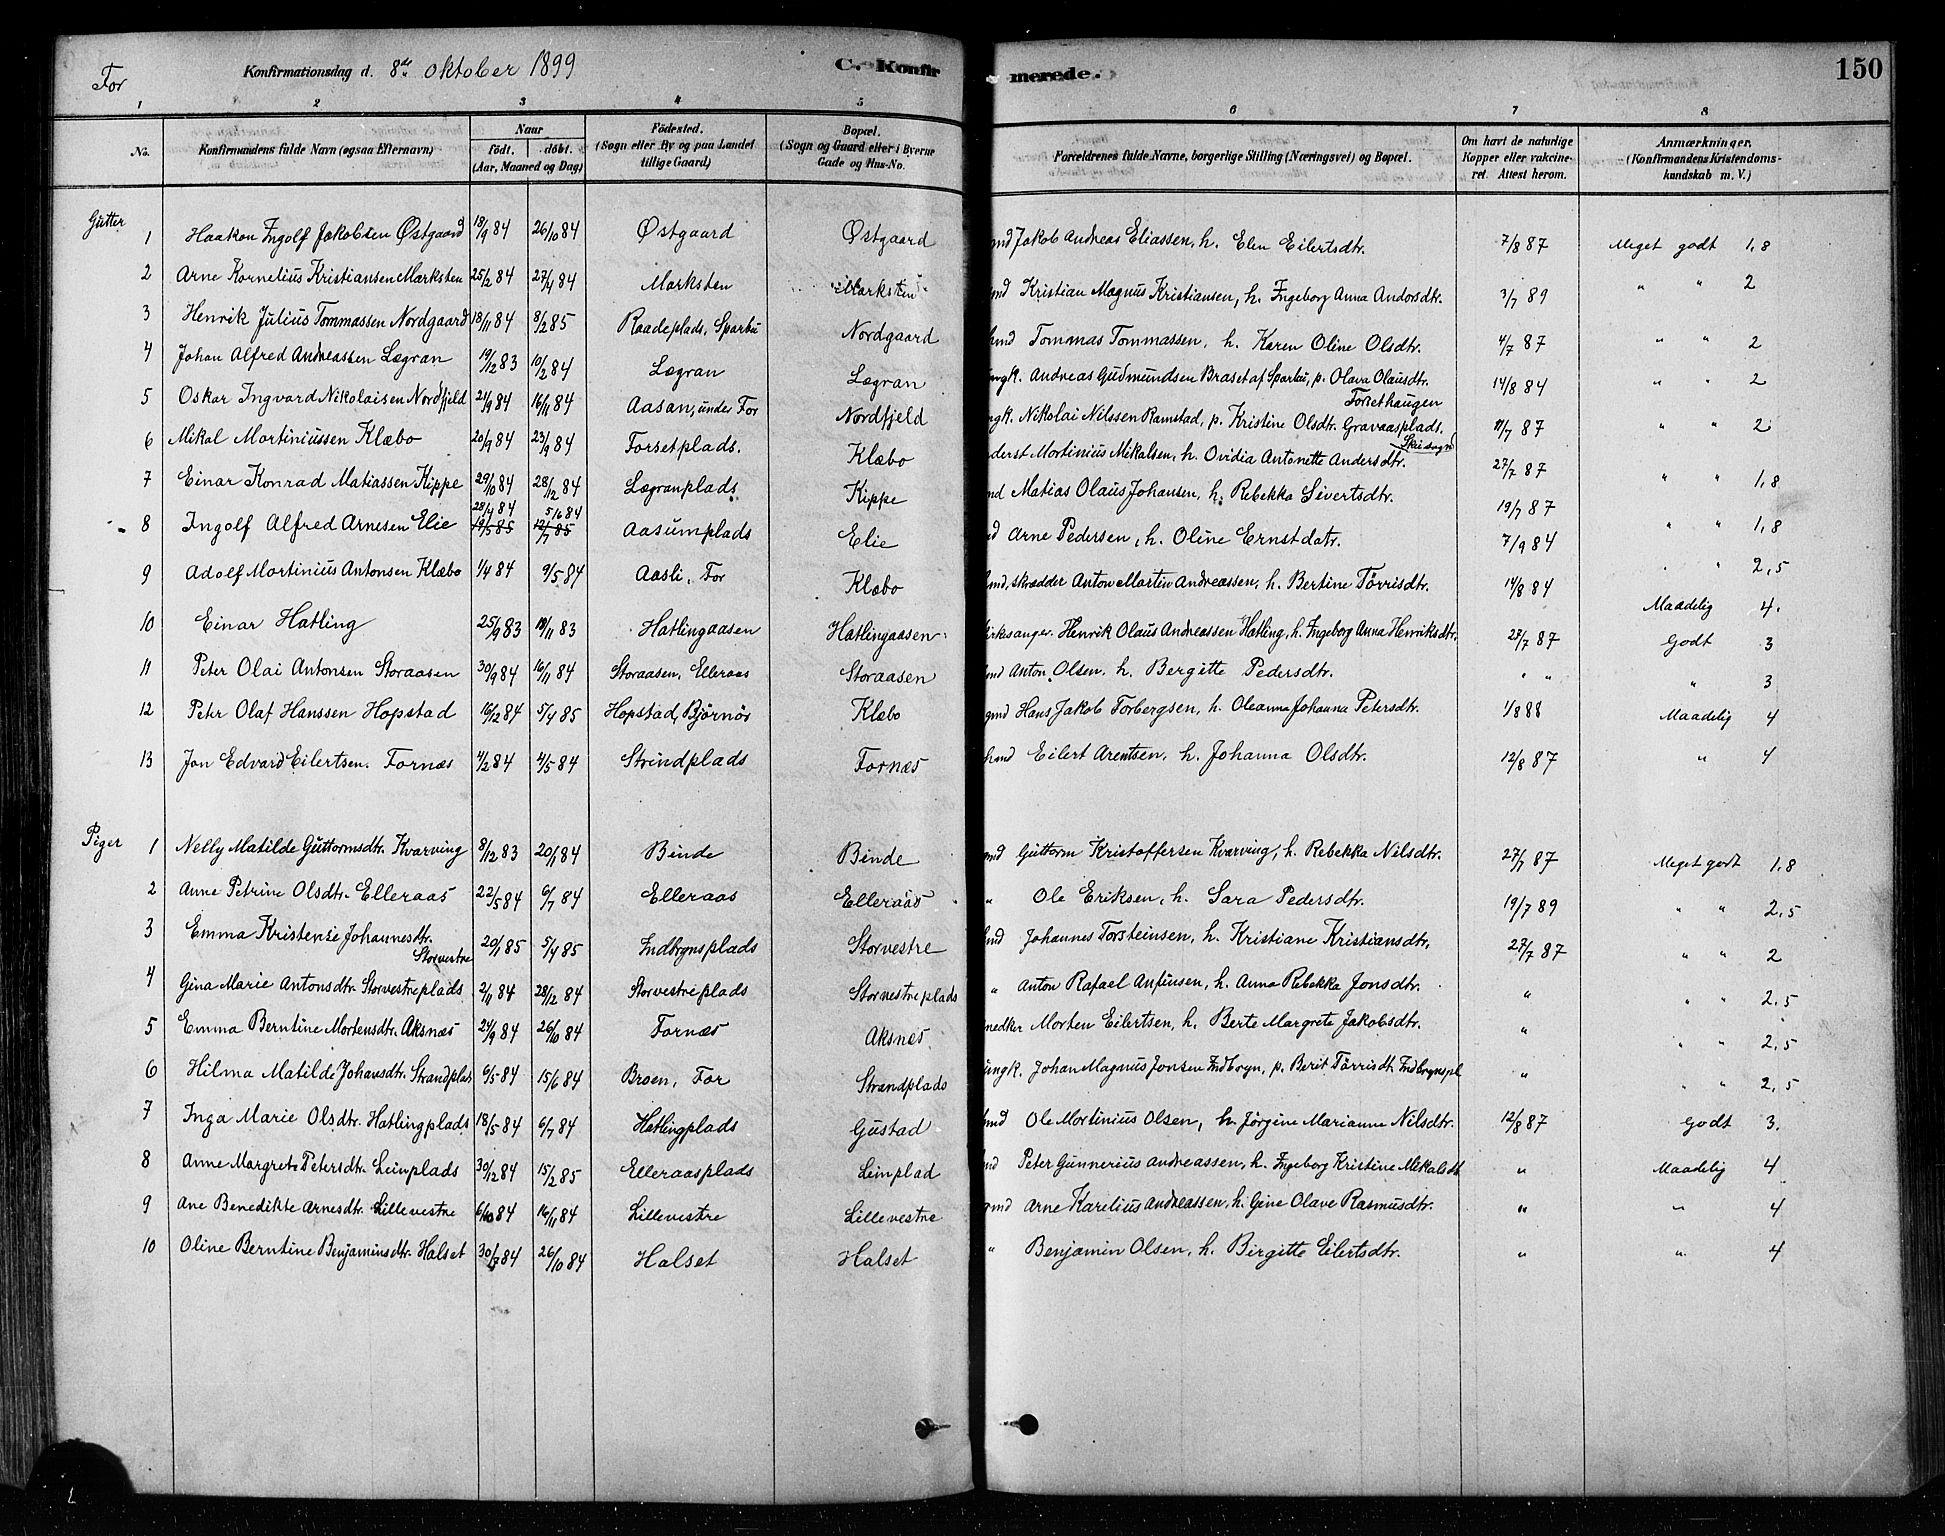 SAT, Ministerialprotokoller, klokkerbøker og fødselsregistre - Nord-Trøndelag, 746/L0448: Ministerialbok nr. 746A07 /1, 1878-1900, s. 150